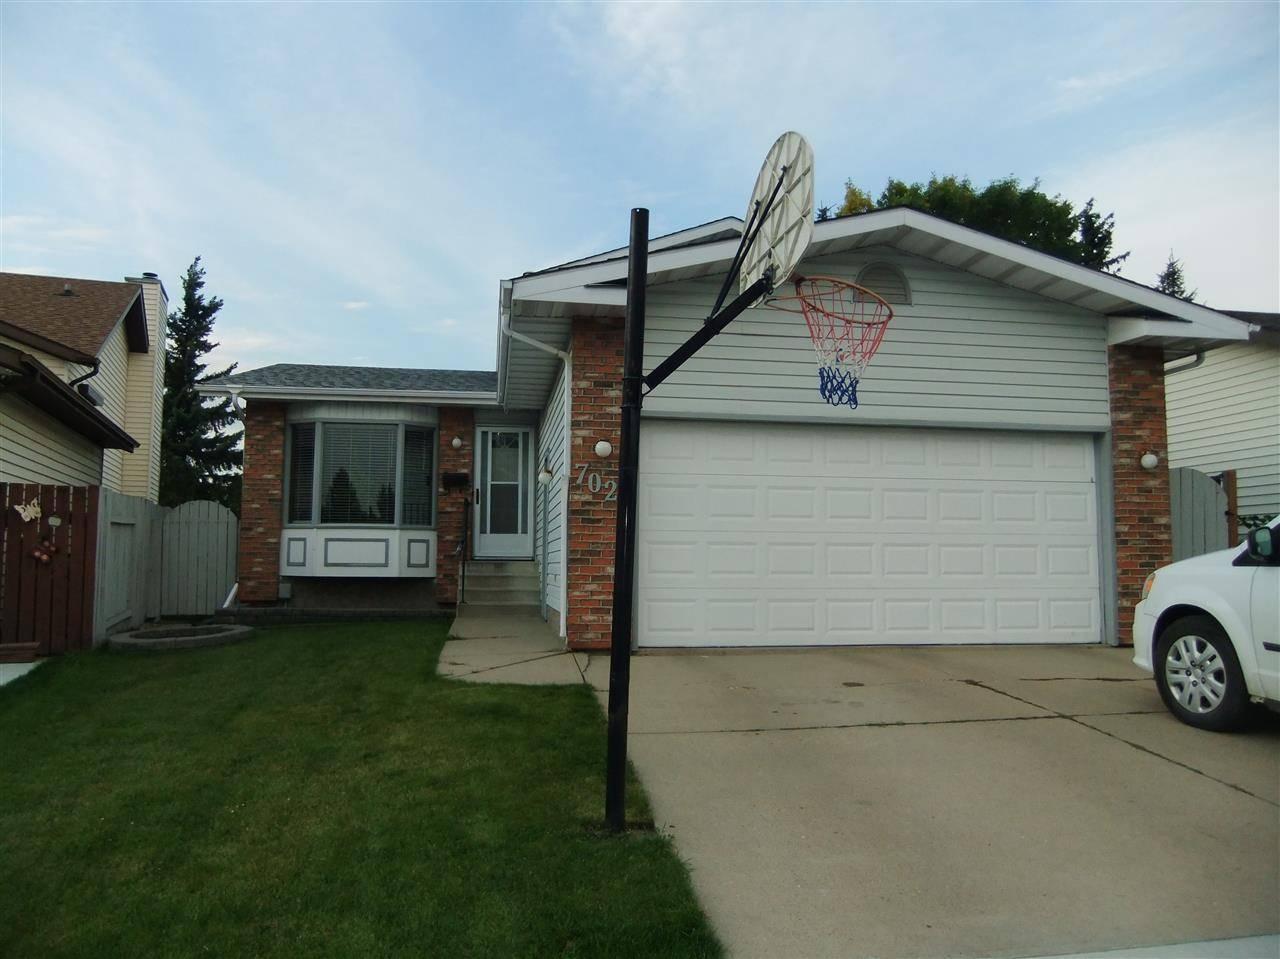 7020 - 152 C Avenue Nw, Edmonton | Image 1